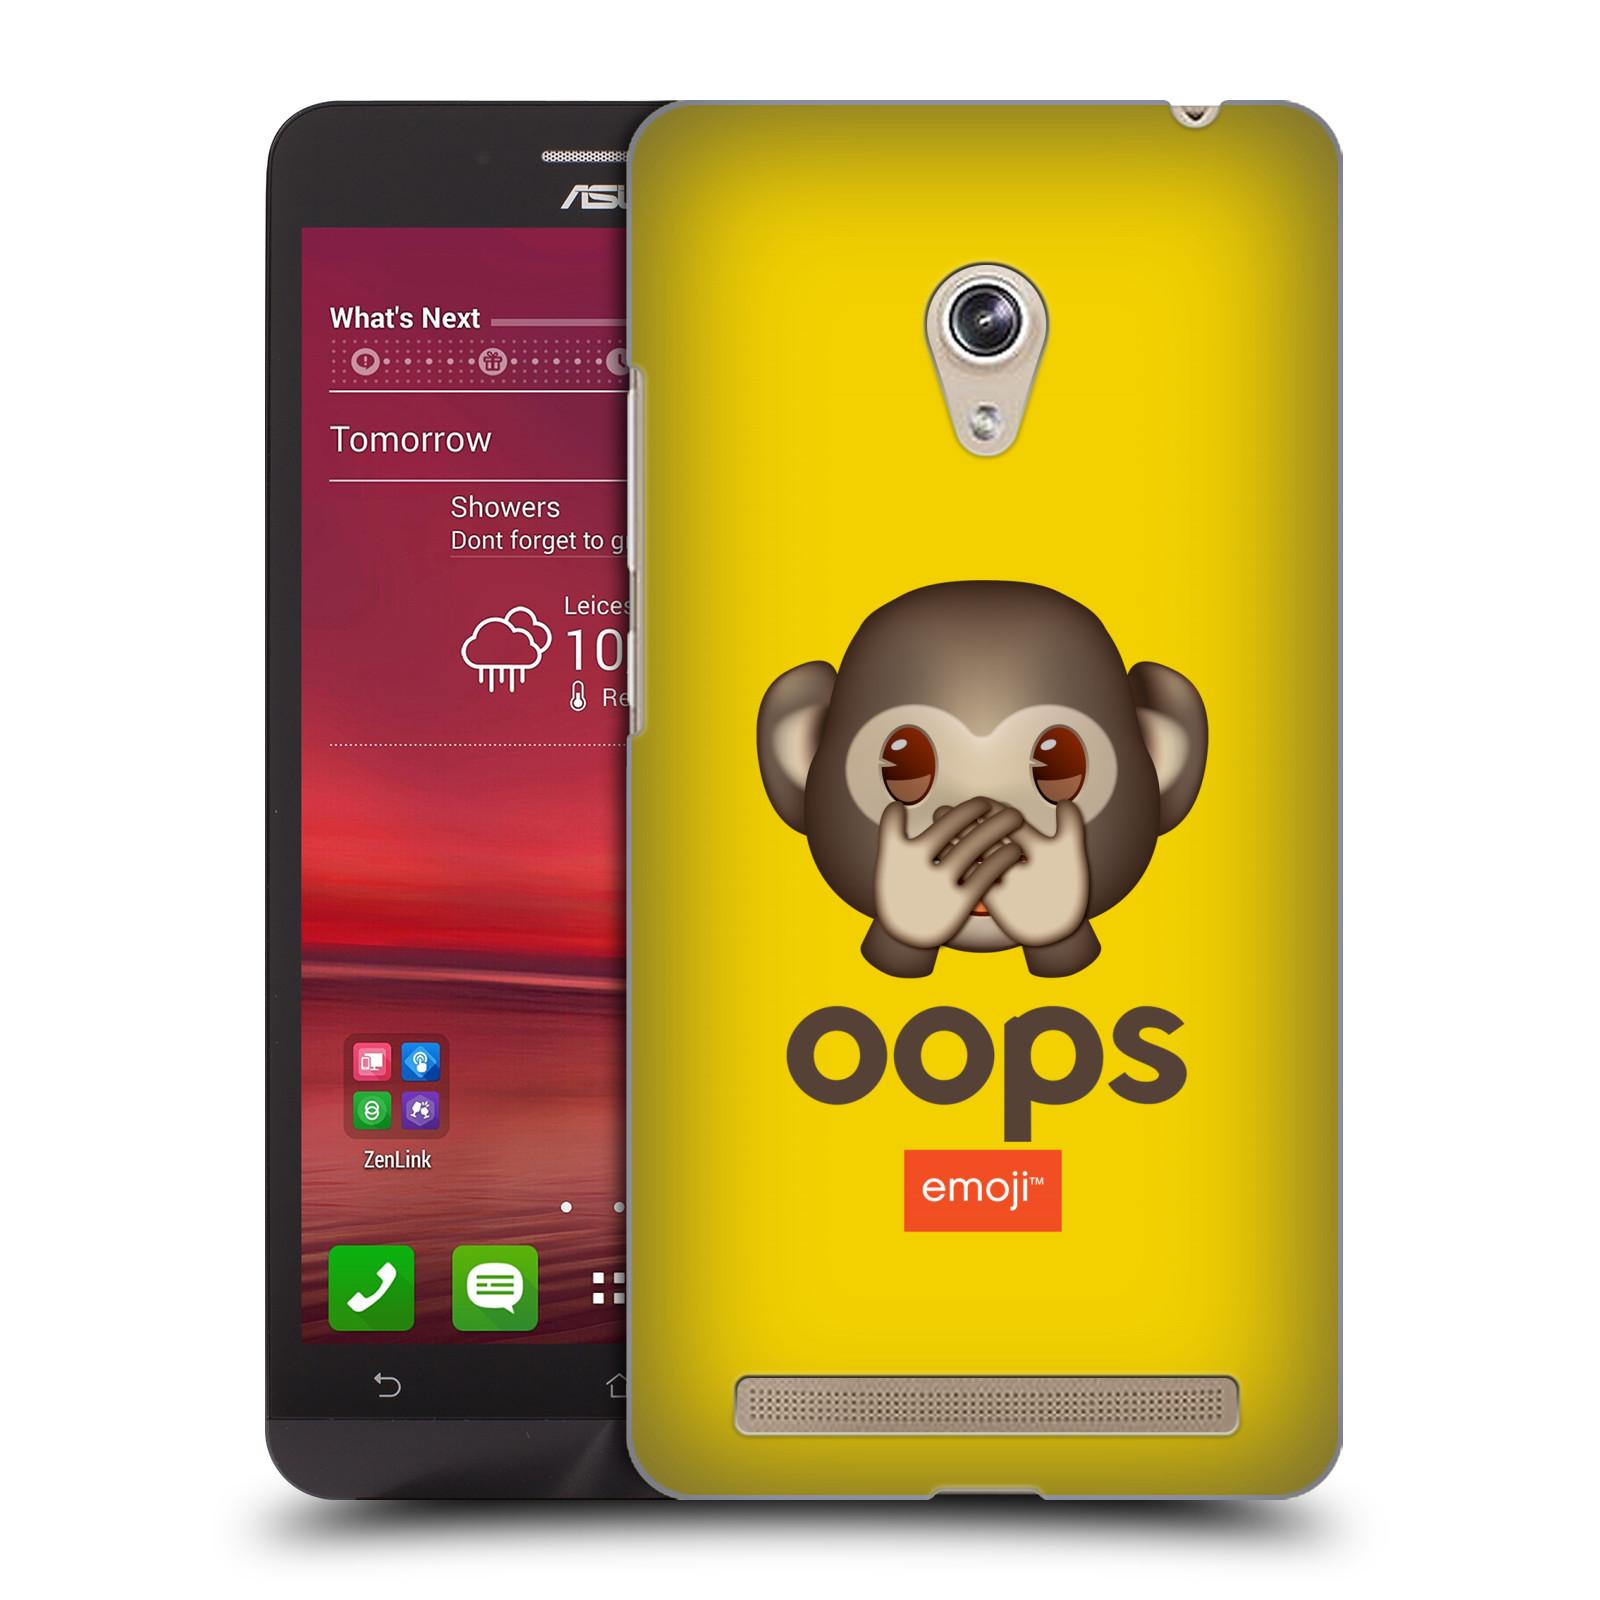 Plastové pouzdro na mobil Asus Zenfone 6 HEAD CASE EMOJI - Opička OOPS (Kryt či obal s oficiálním motivem EMOJI na mobilní telefon Asus Zenfone 6 A600CG / A601CG)